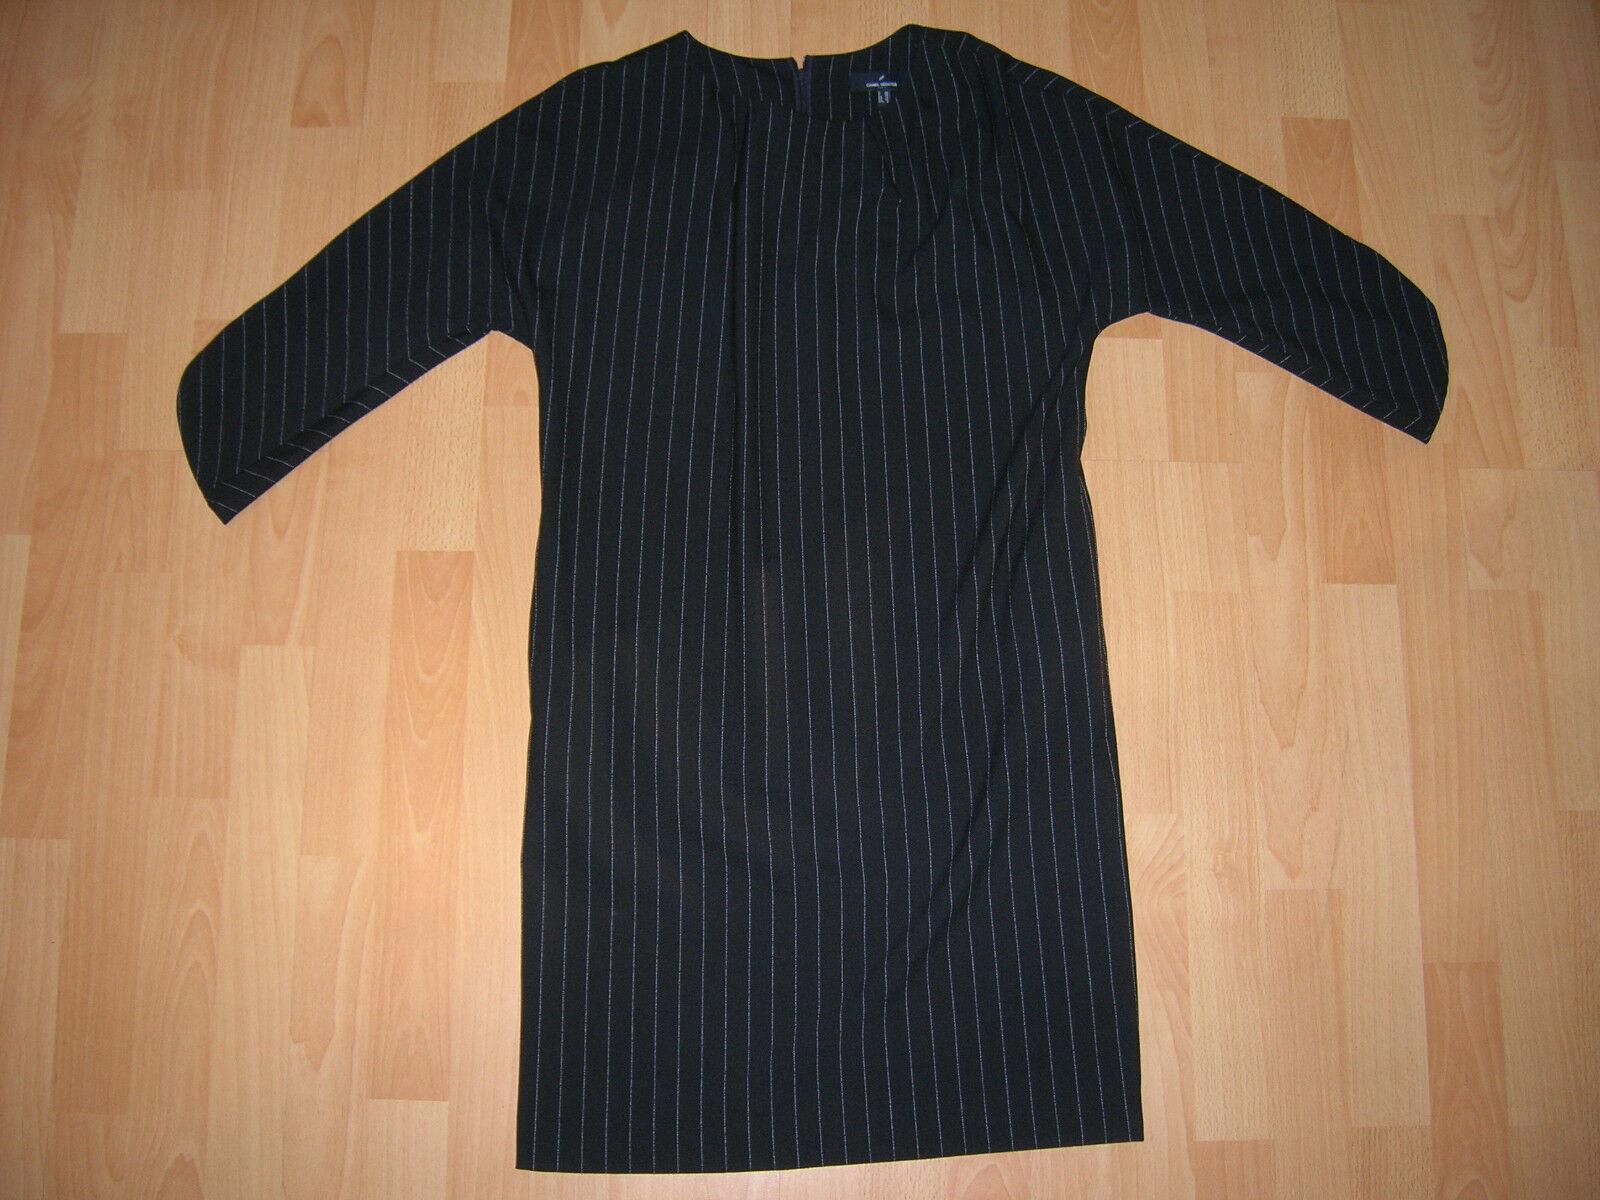 NEU - Tolles schwarzes Kleid mit Streifen von Daniel Hechter, Gr. 36   | Exquisite Verarbeitung  | Viele Stile  | Deutschland Store